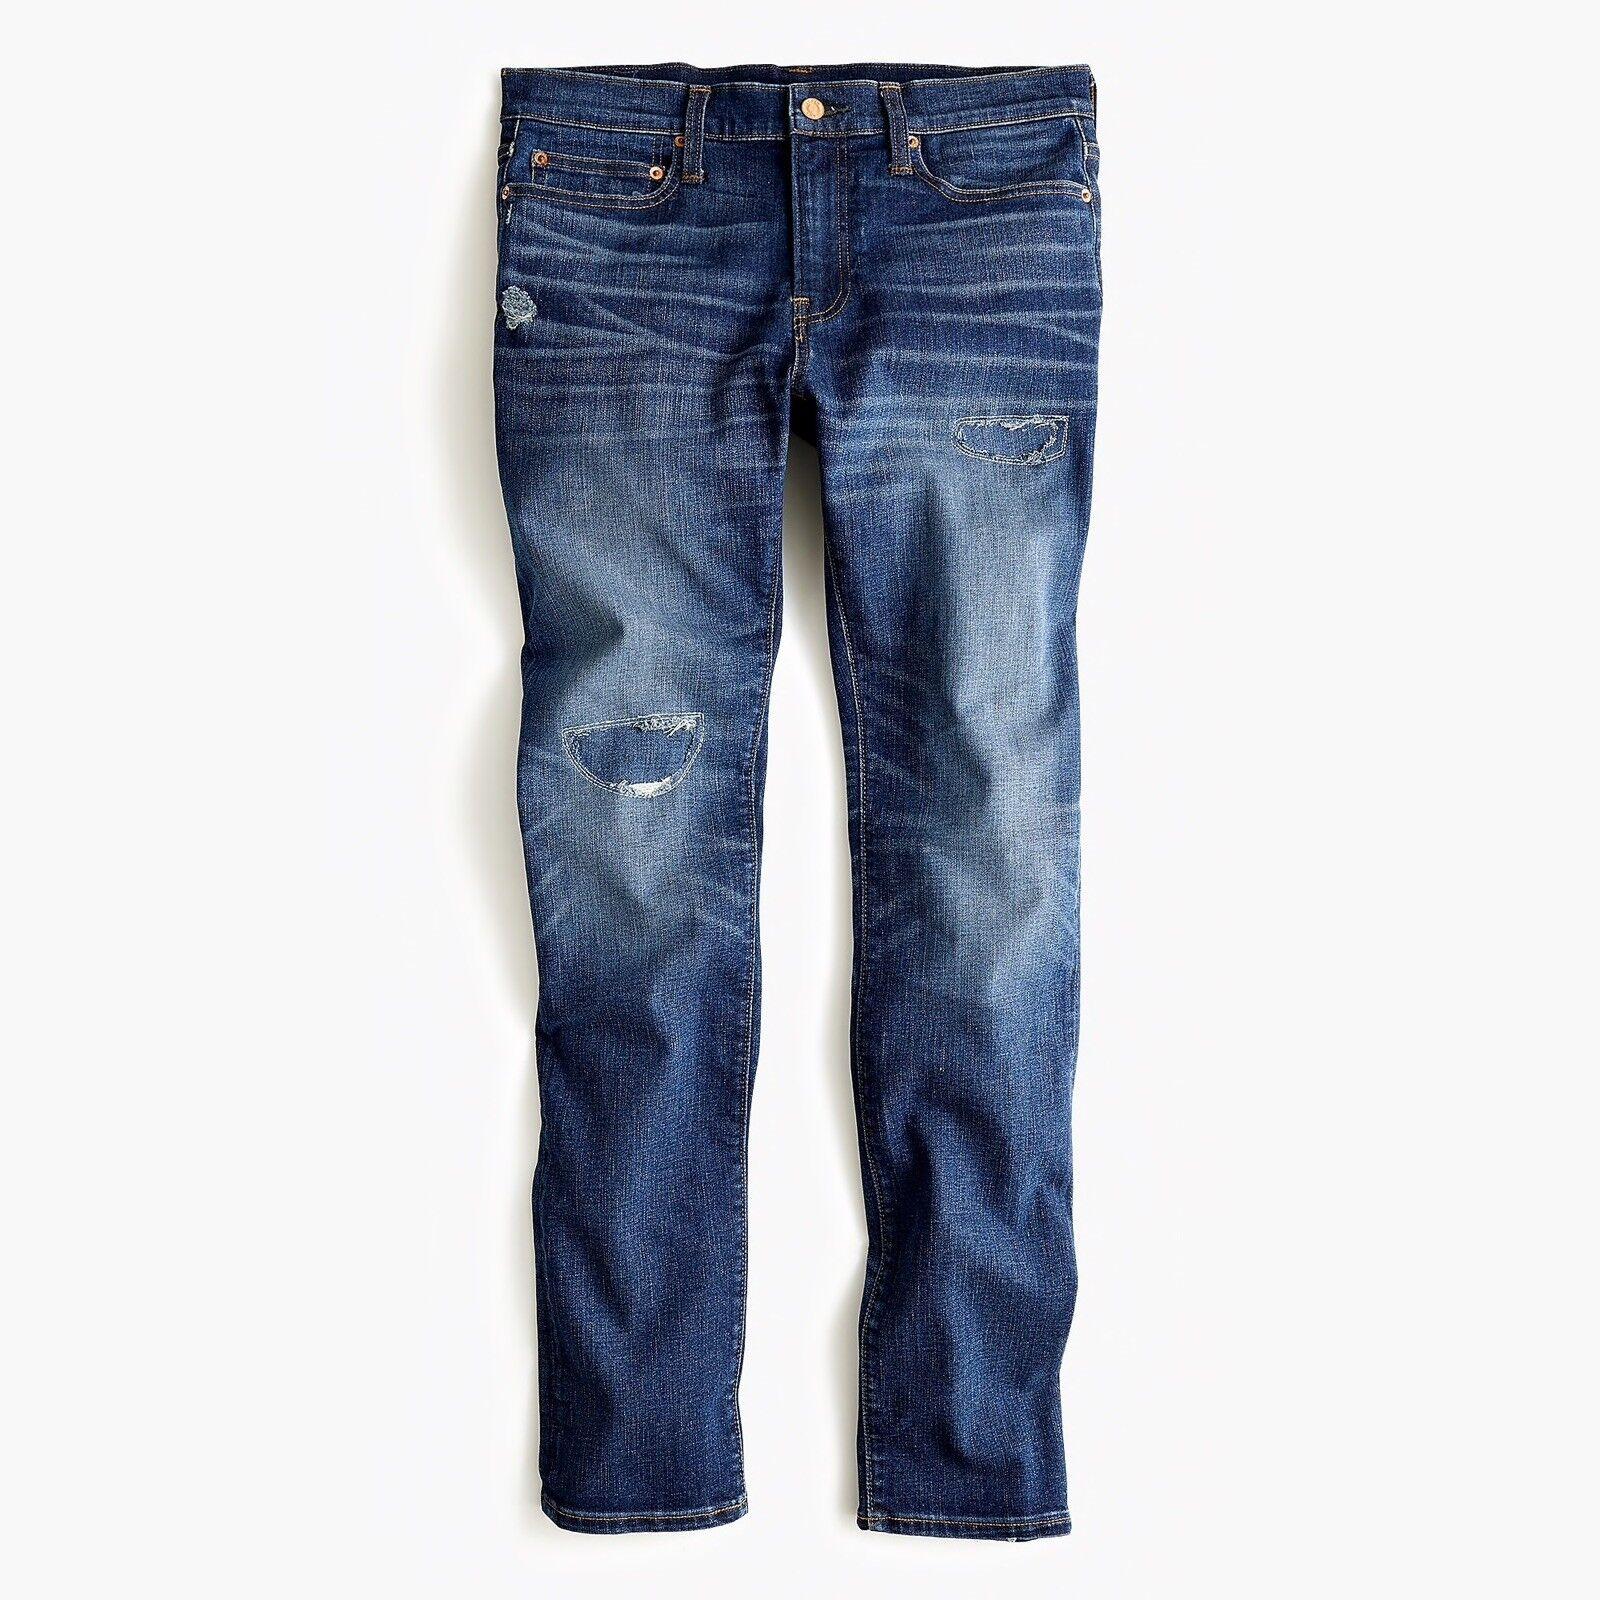 New J CREW 32 x 30 484 Slim-fit Jeans in Rip and Repair Cone Denim NWT J5218